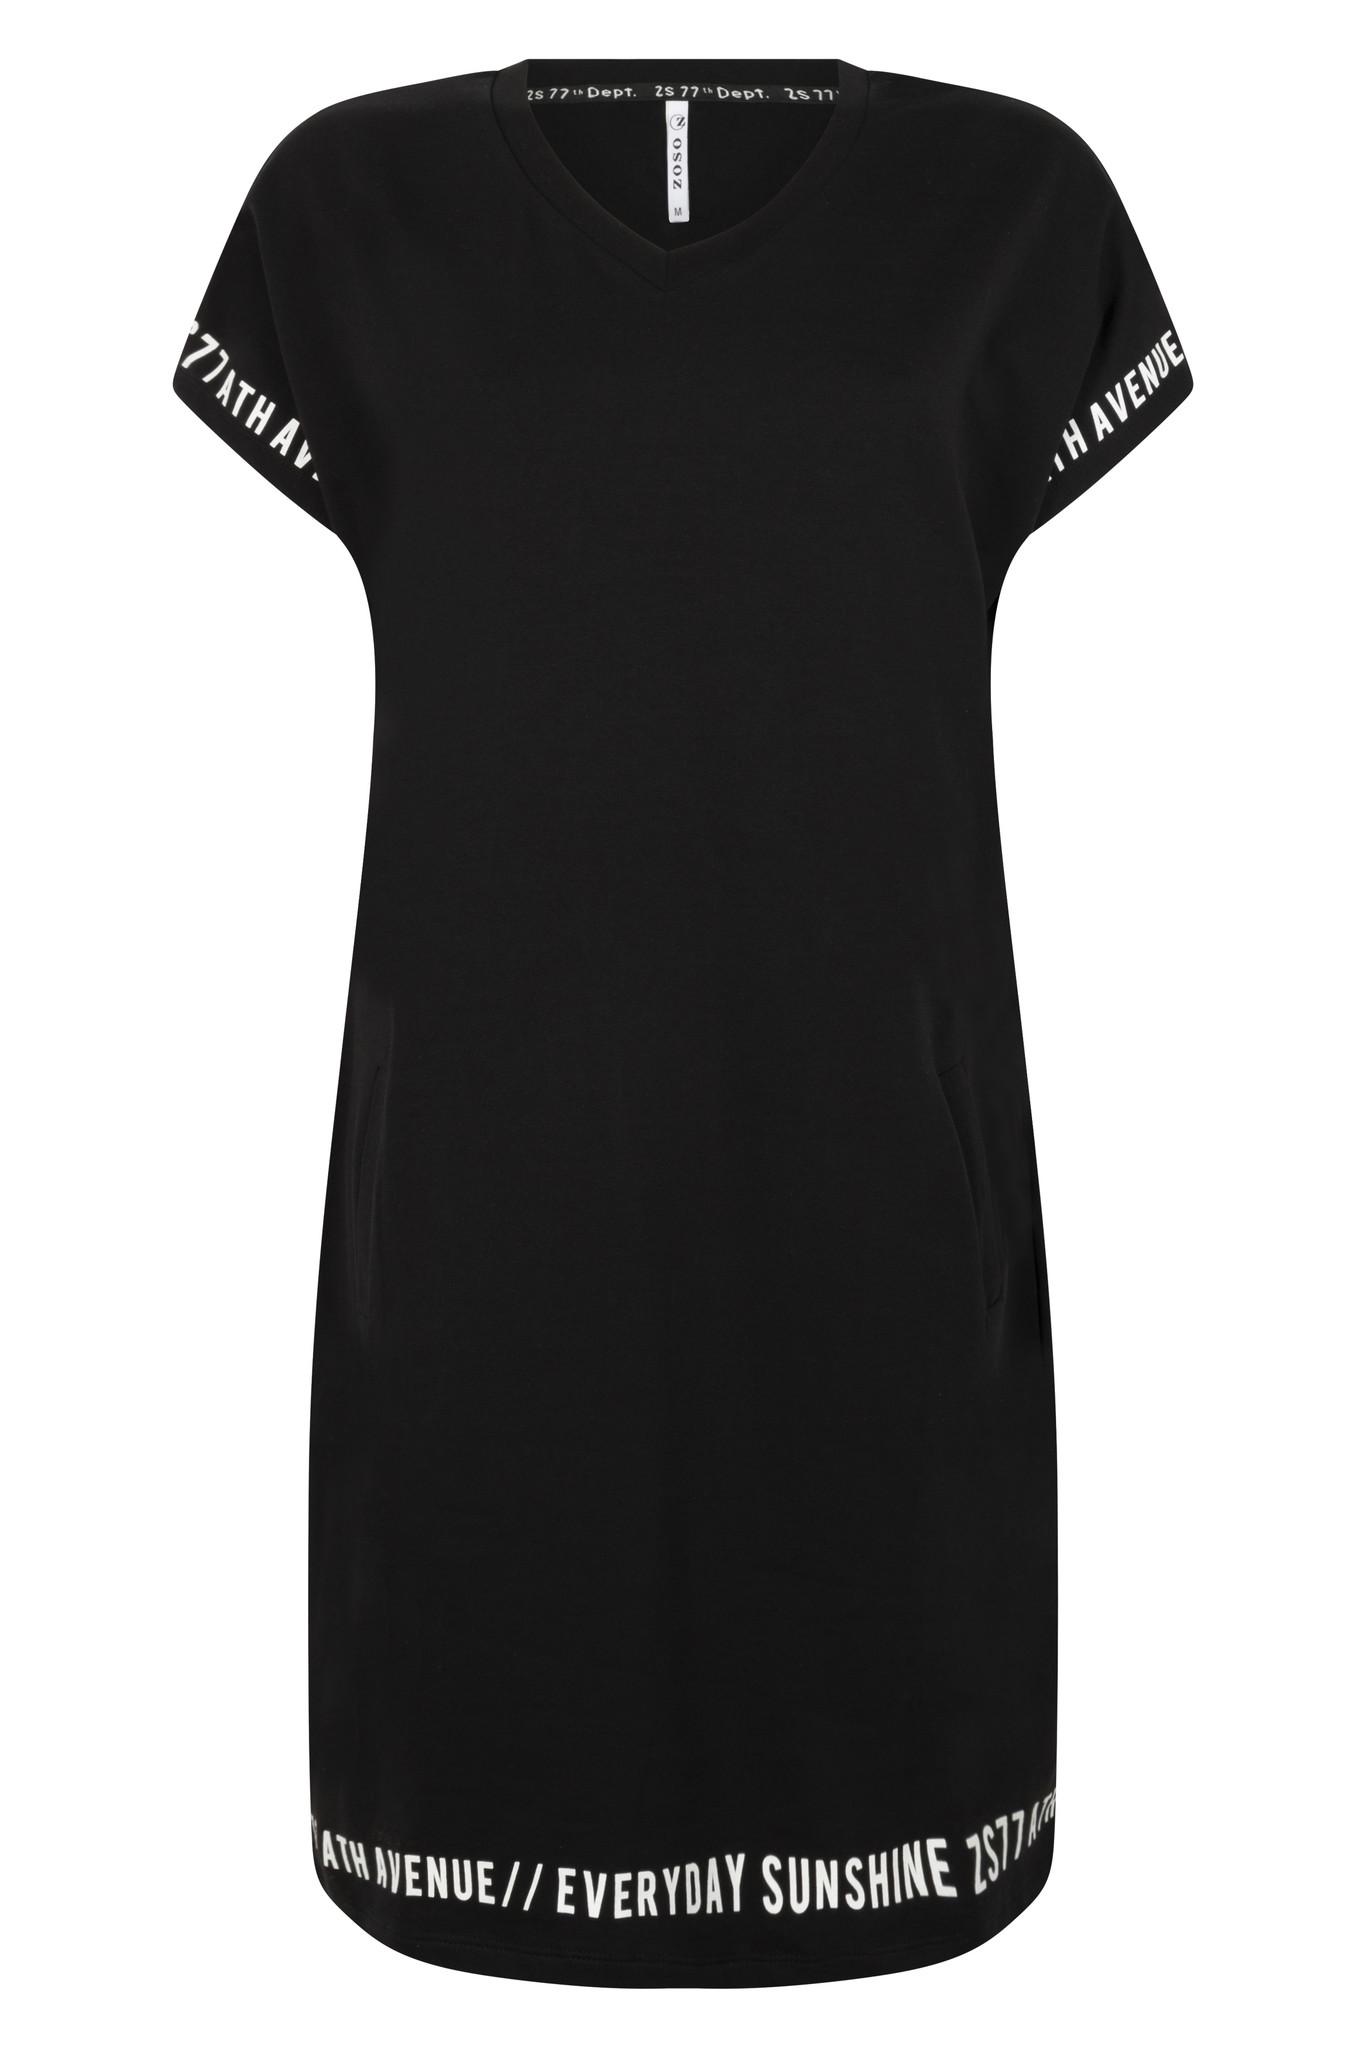 Zoso Zoso Vera jurk with print